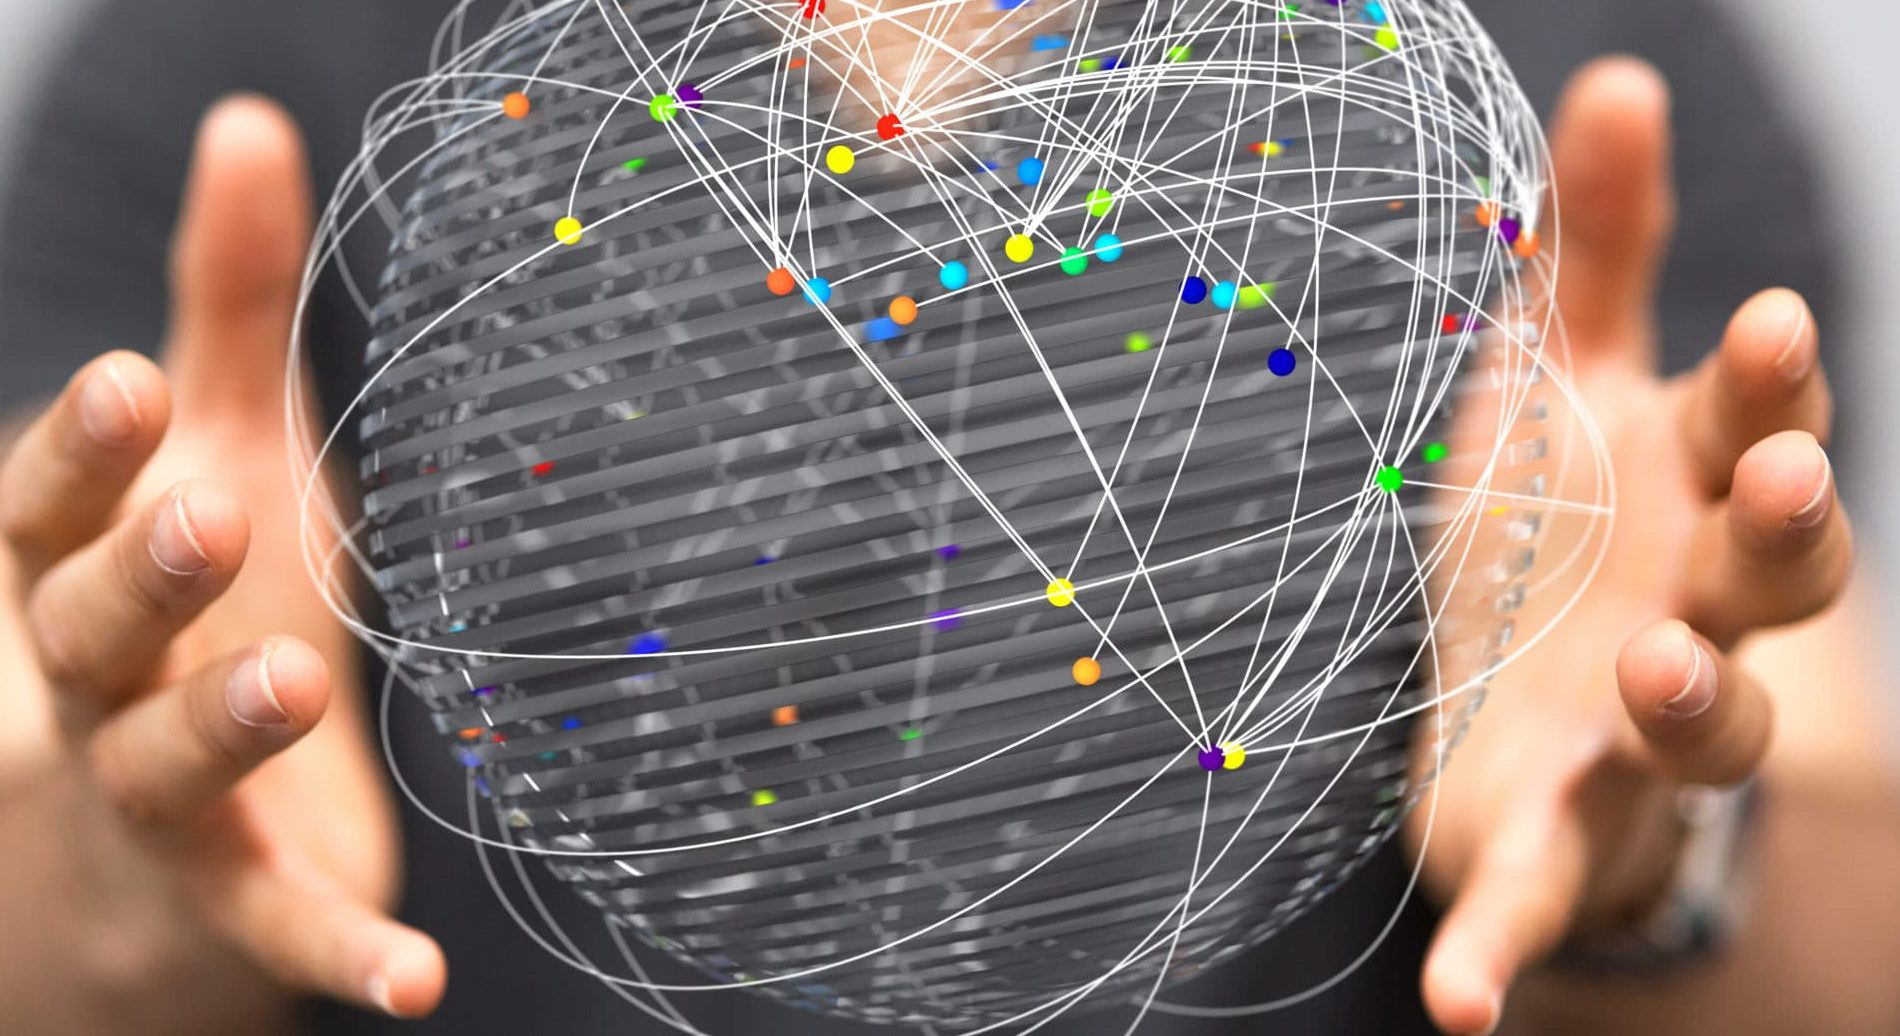 Convolutional Neural Networks helfen dabei, eine der anspruchsvollsten Aufgaben zu lösen: das maschinelle Sehen. Wie genau, wird hier erklärt...